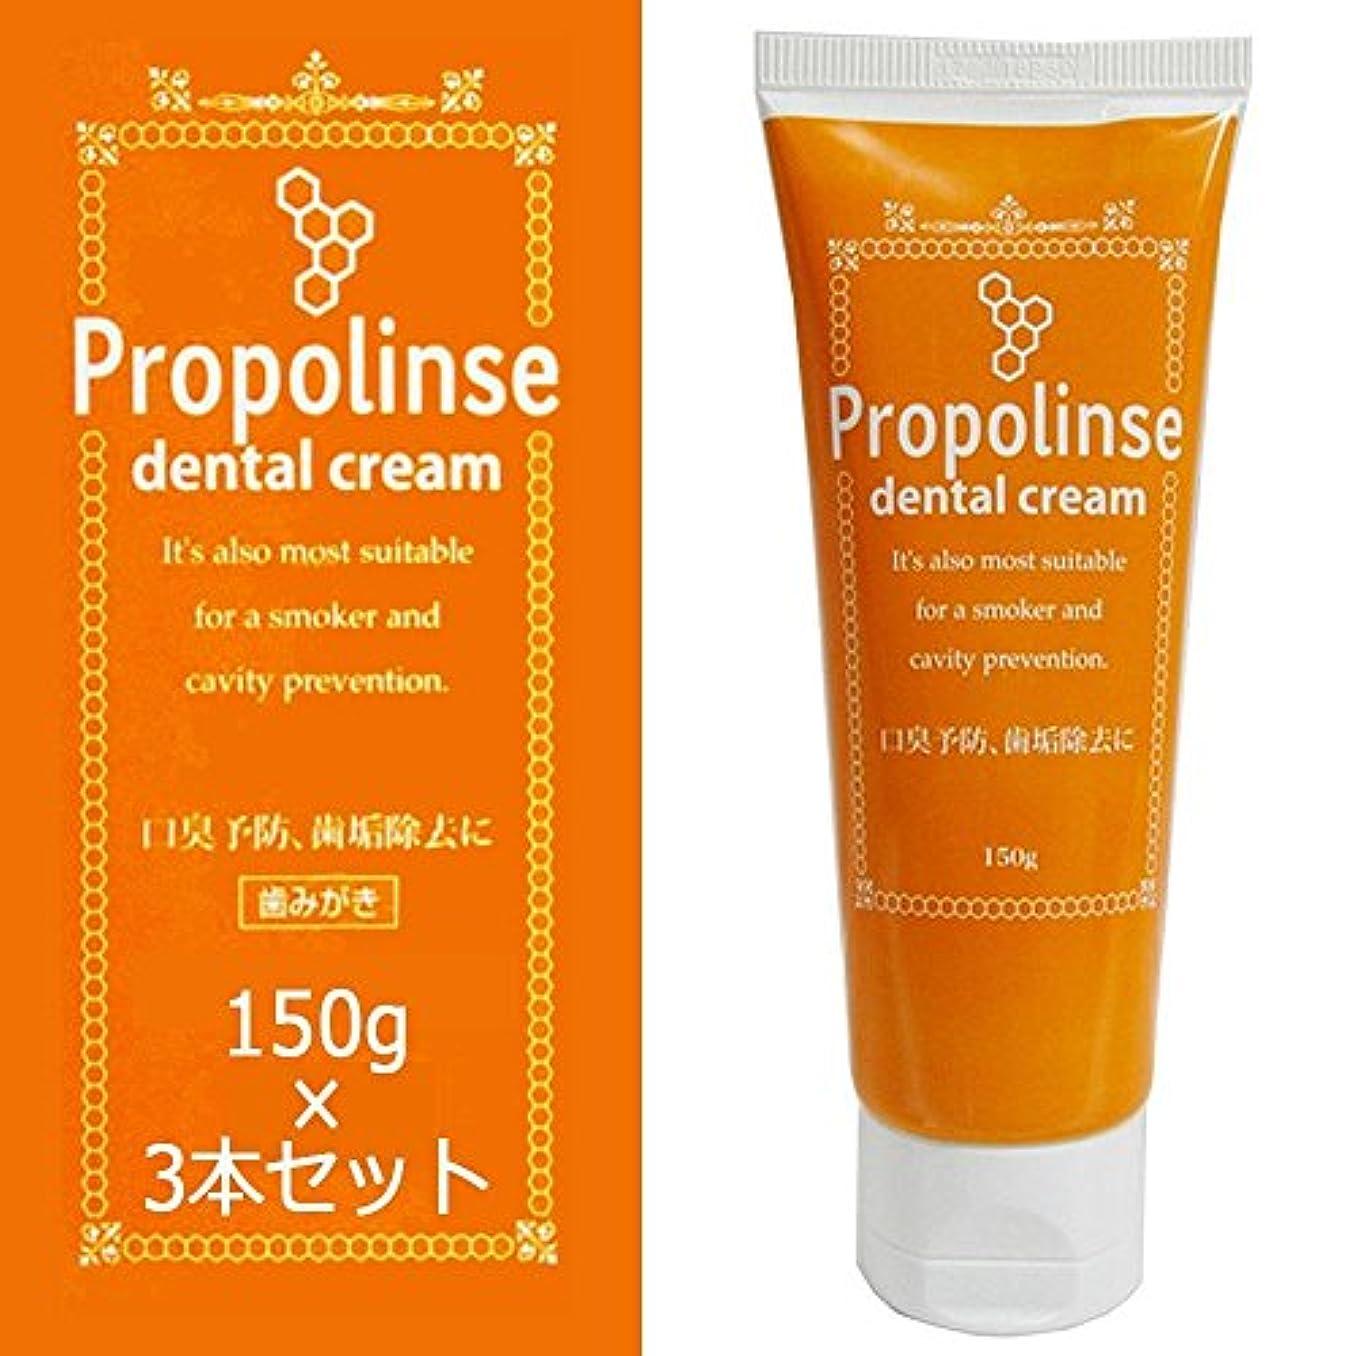 増強する引数おいしいプロポリンス デンタルクリーム(歯みがき) 150g×3個セット